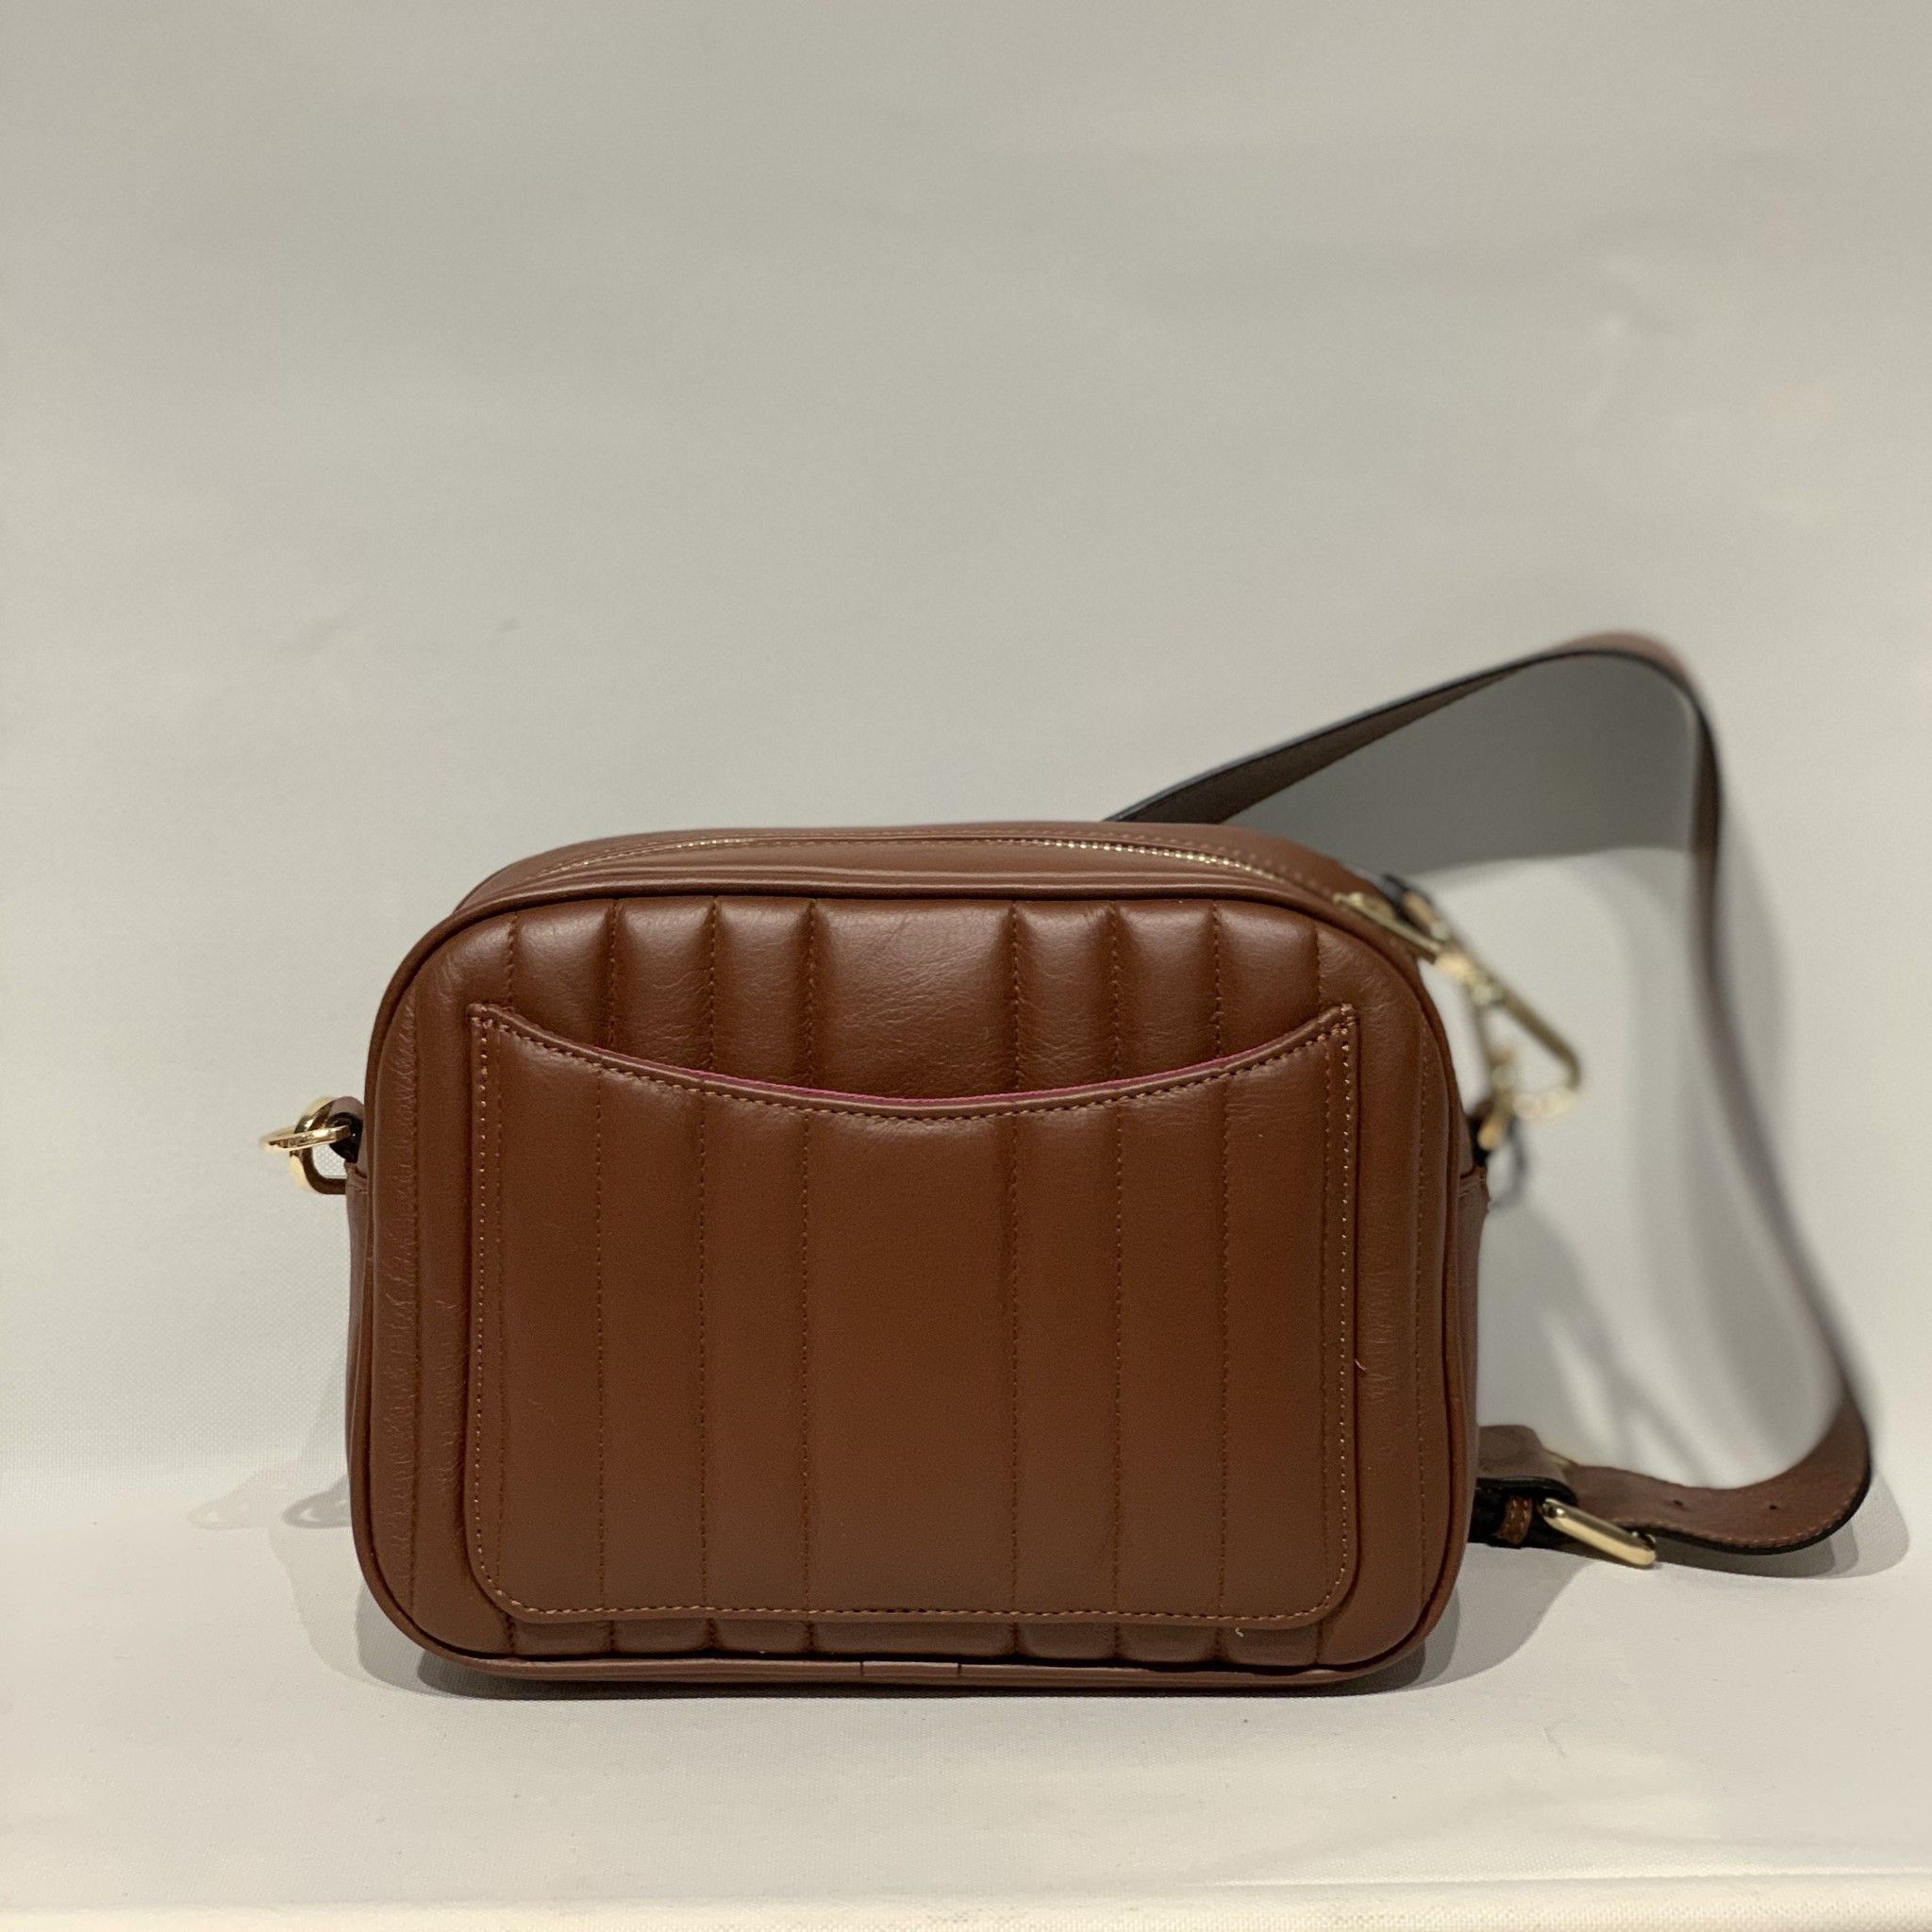 Borsa Cloe winter AVENUE67 cioccolato